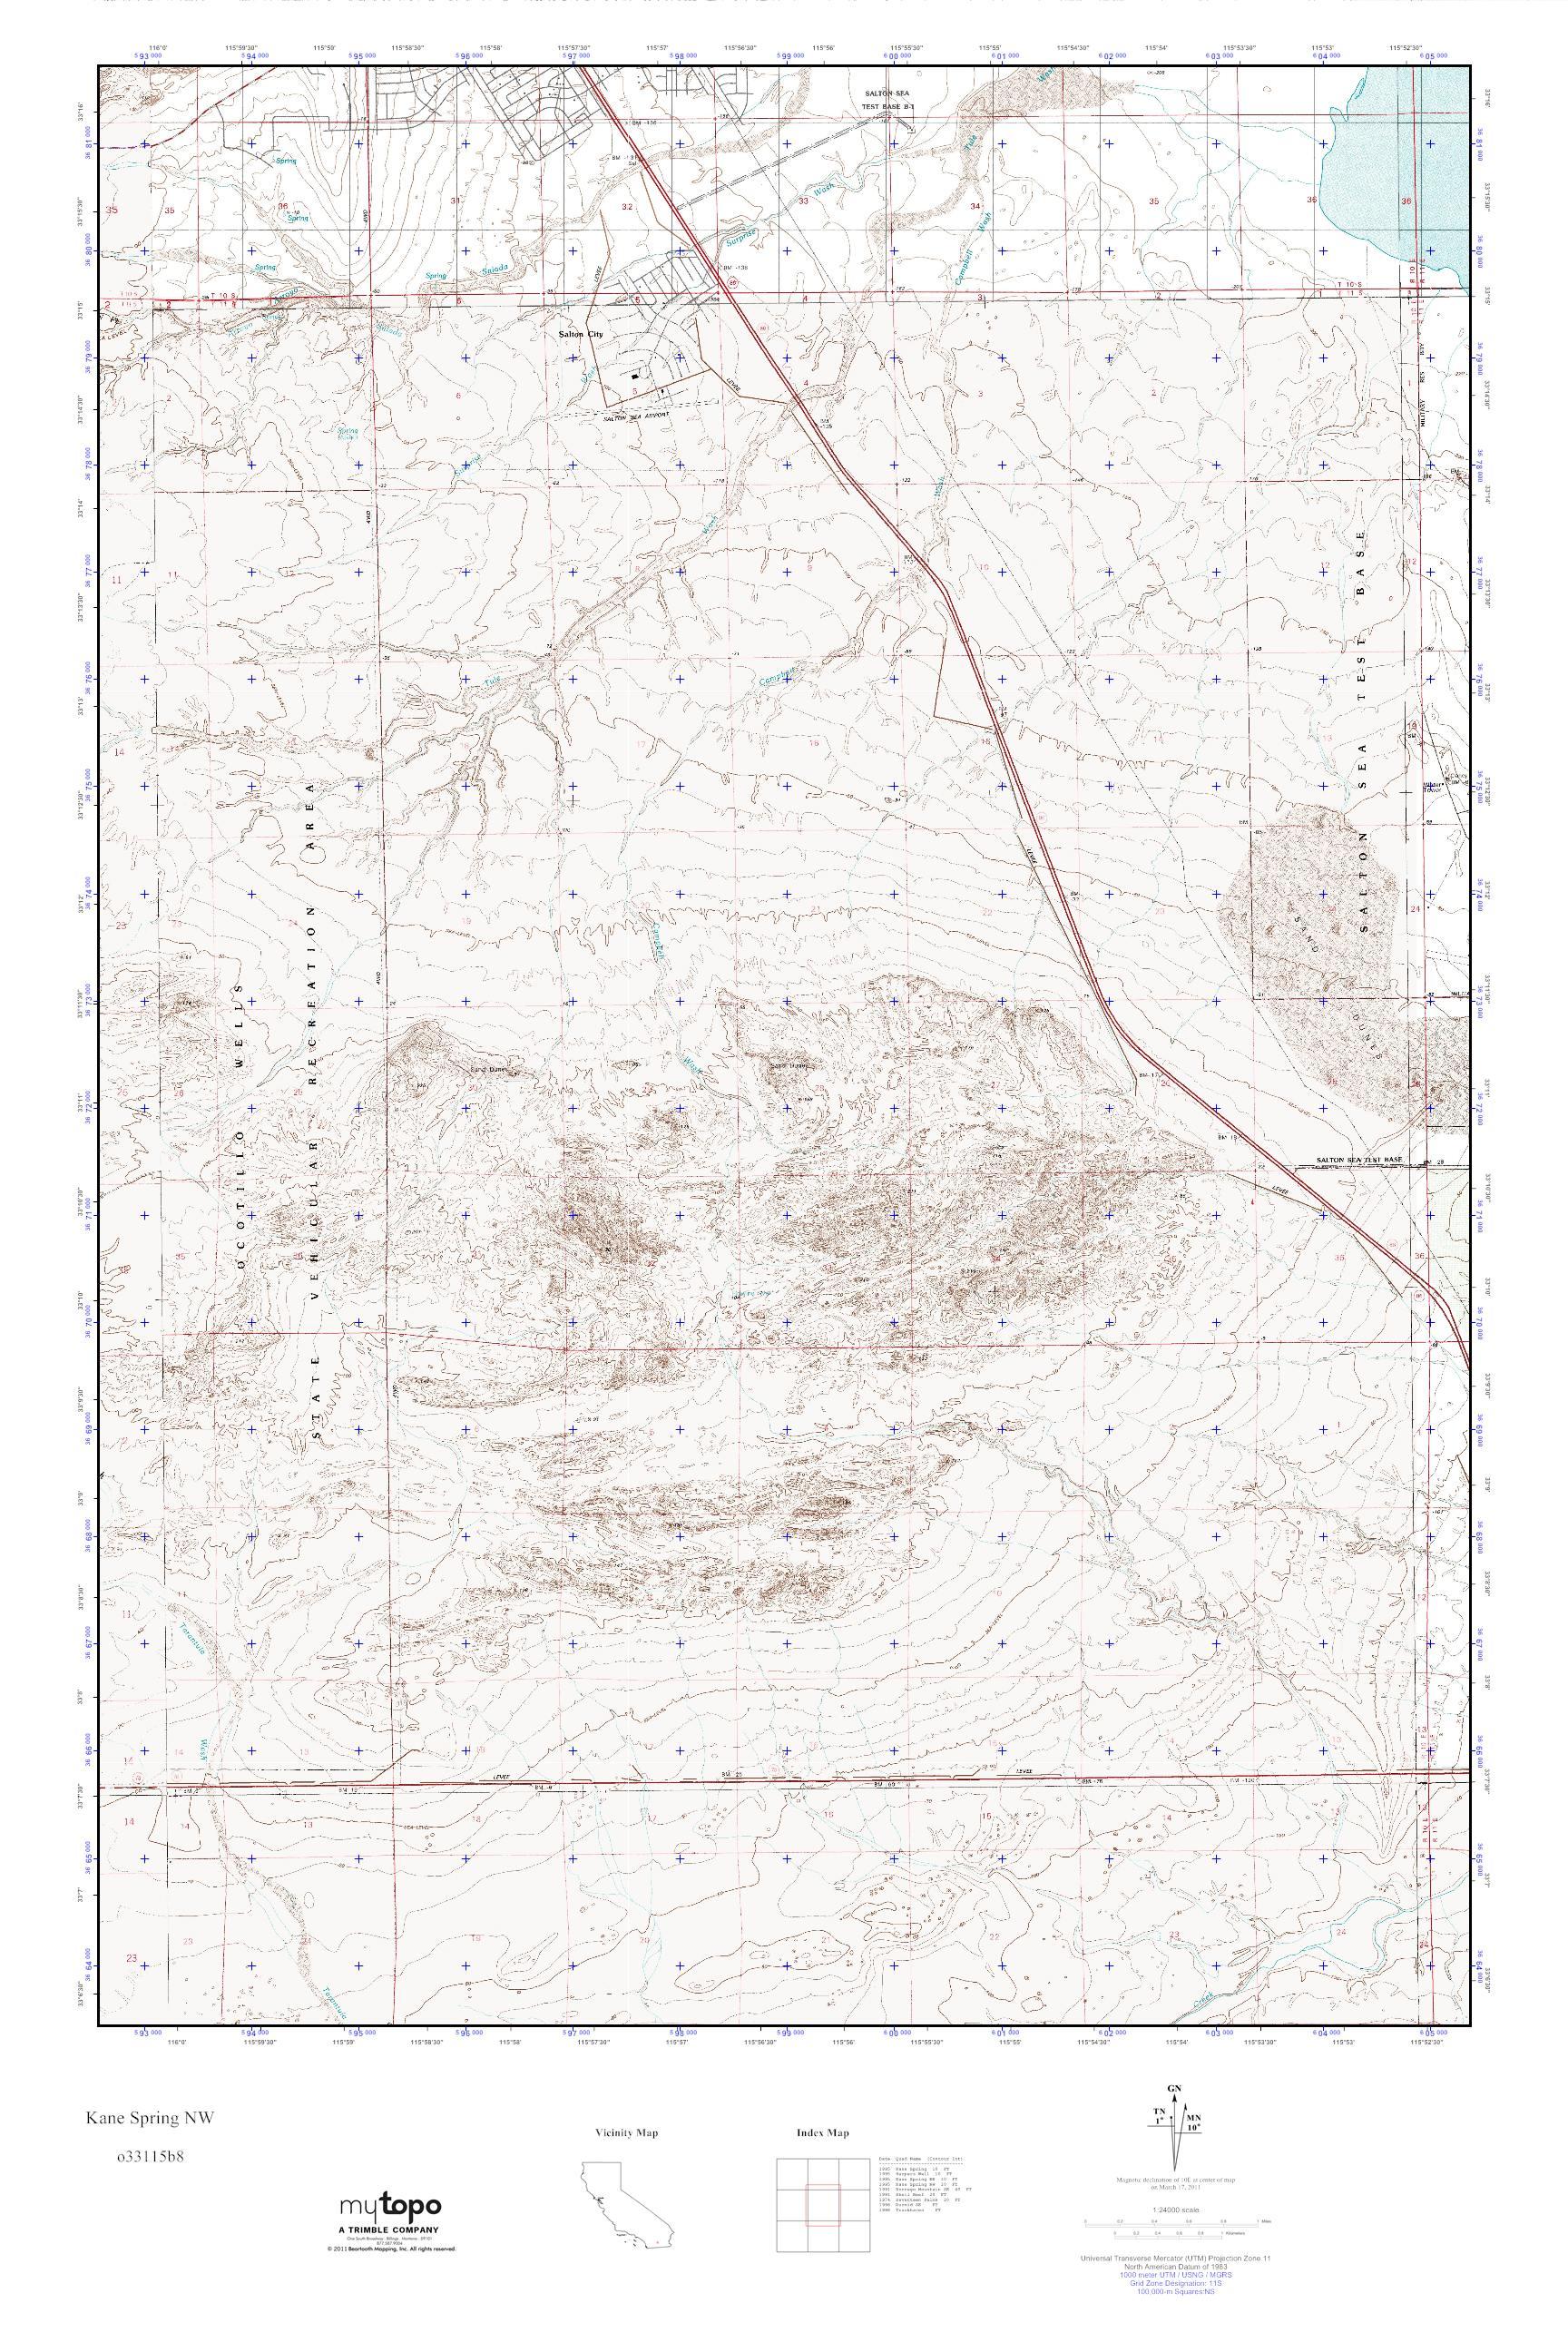 MyTopo Kane Spring NW, California USGS Quad Topo Map